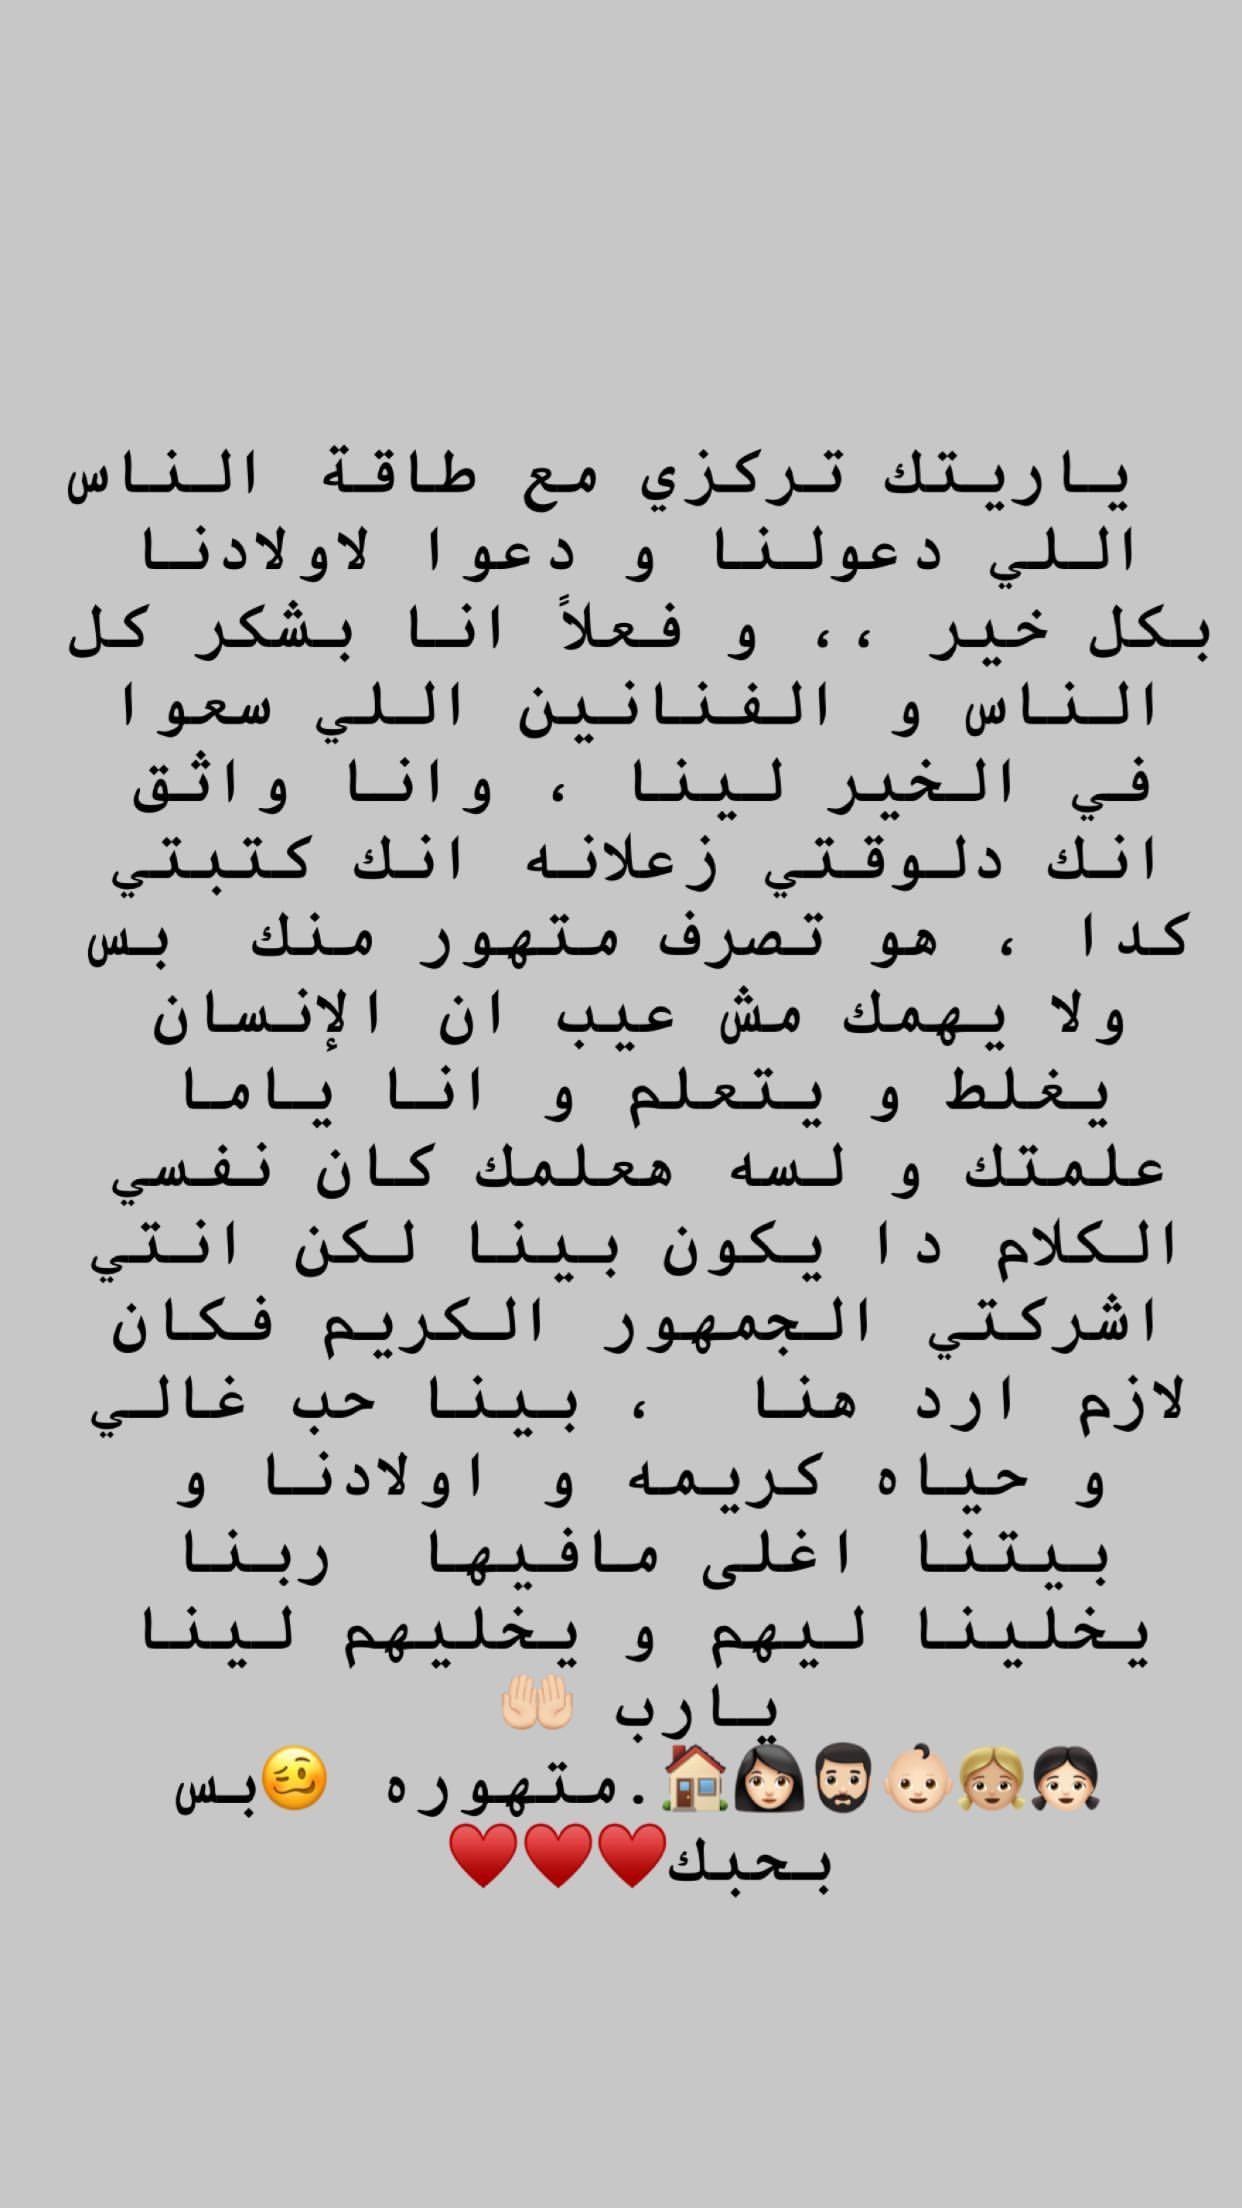 تامر حسني يرد على زوجته عبر انستغرام